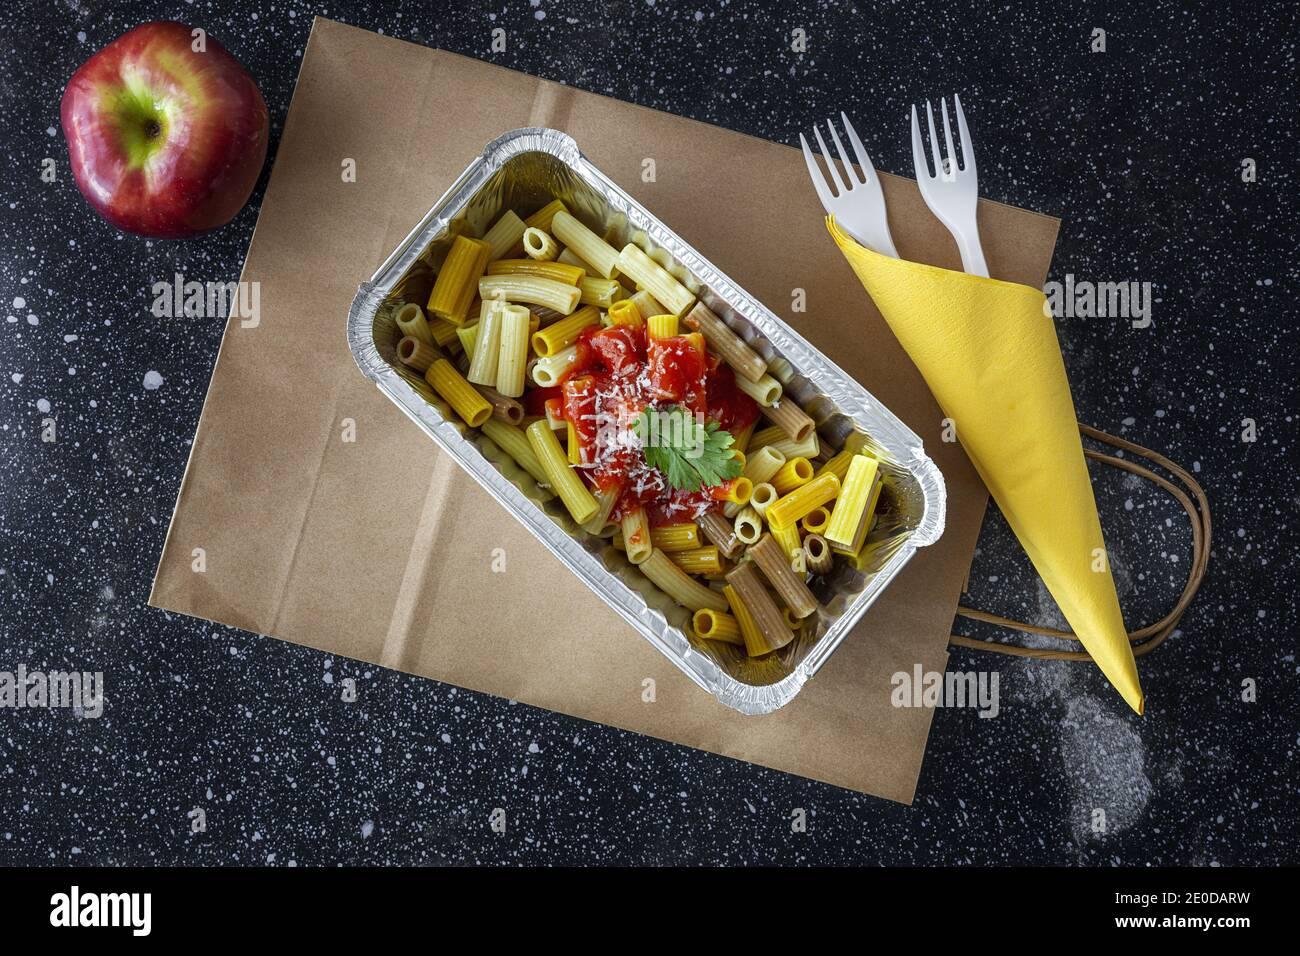 Du dessus de délicieux macaroni au ketchup et au fromage dans un récipient pour les plats à emporter sur la table avec la pomme Banque D'Images